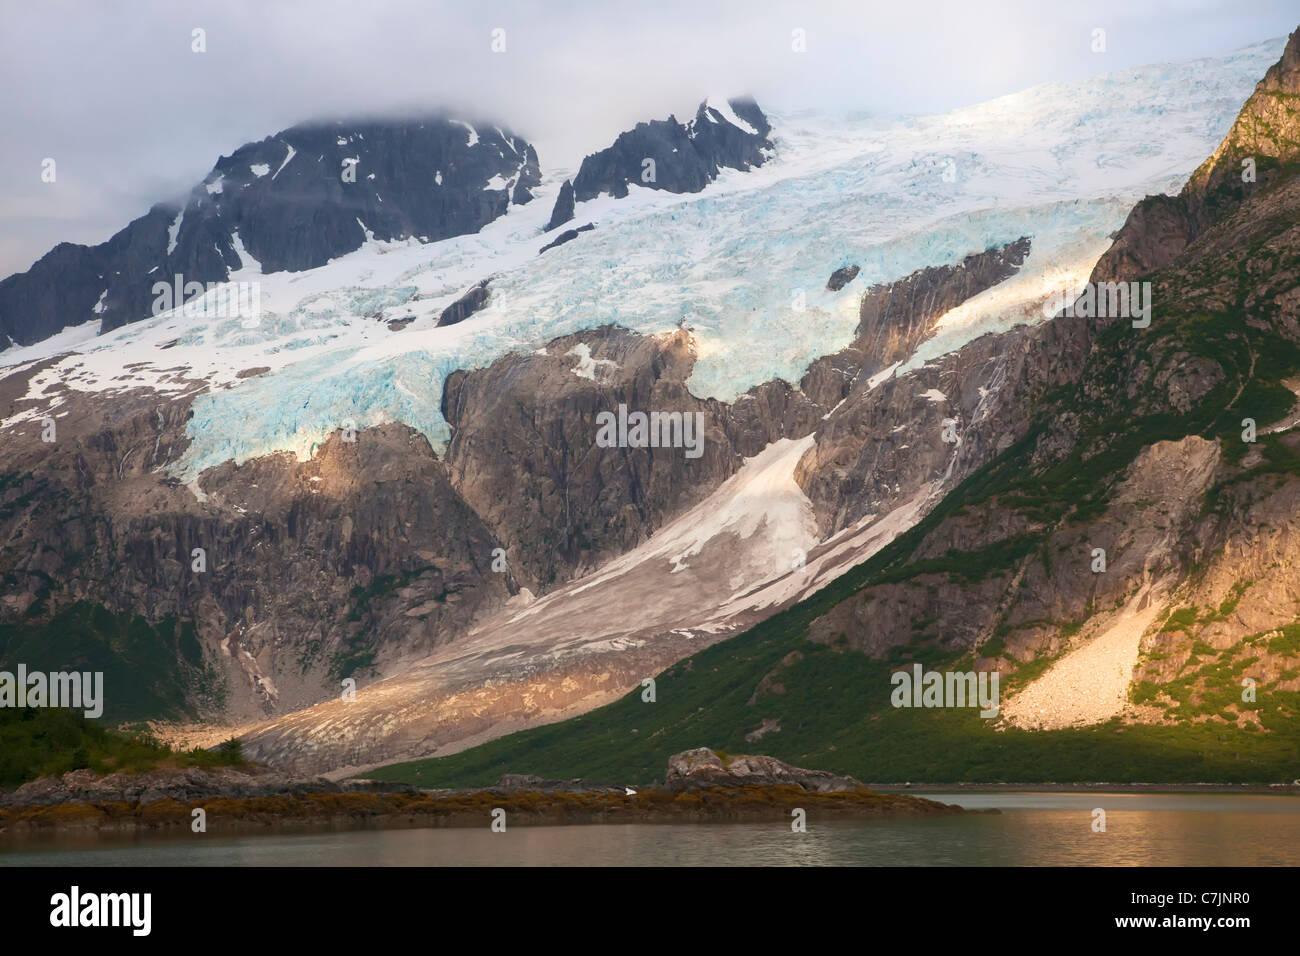 Sunset Fiordo Noroeste, fiordos de Kenai National Park, cerca de Seward, Alaska. Imagen De Stock